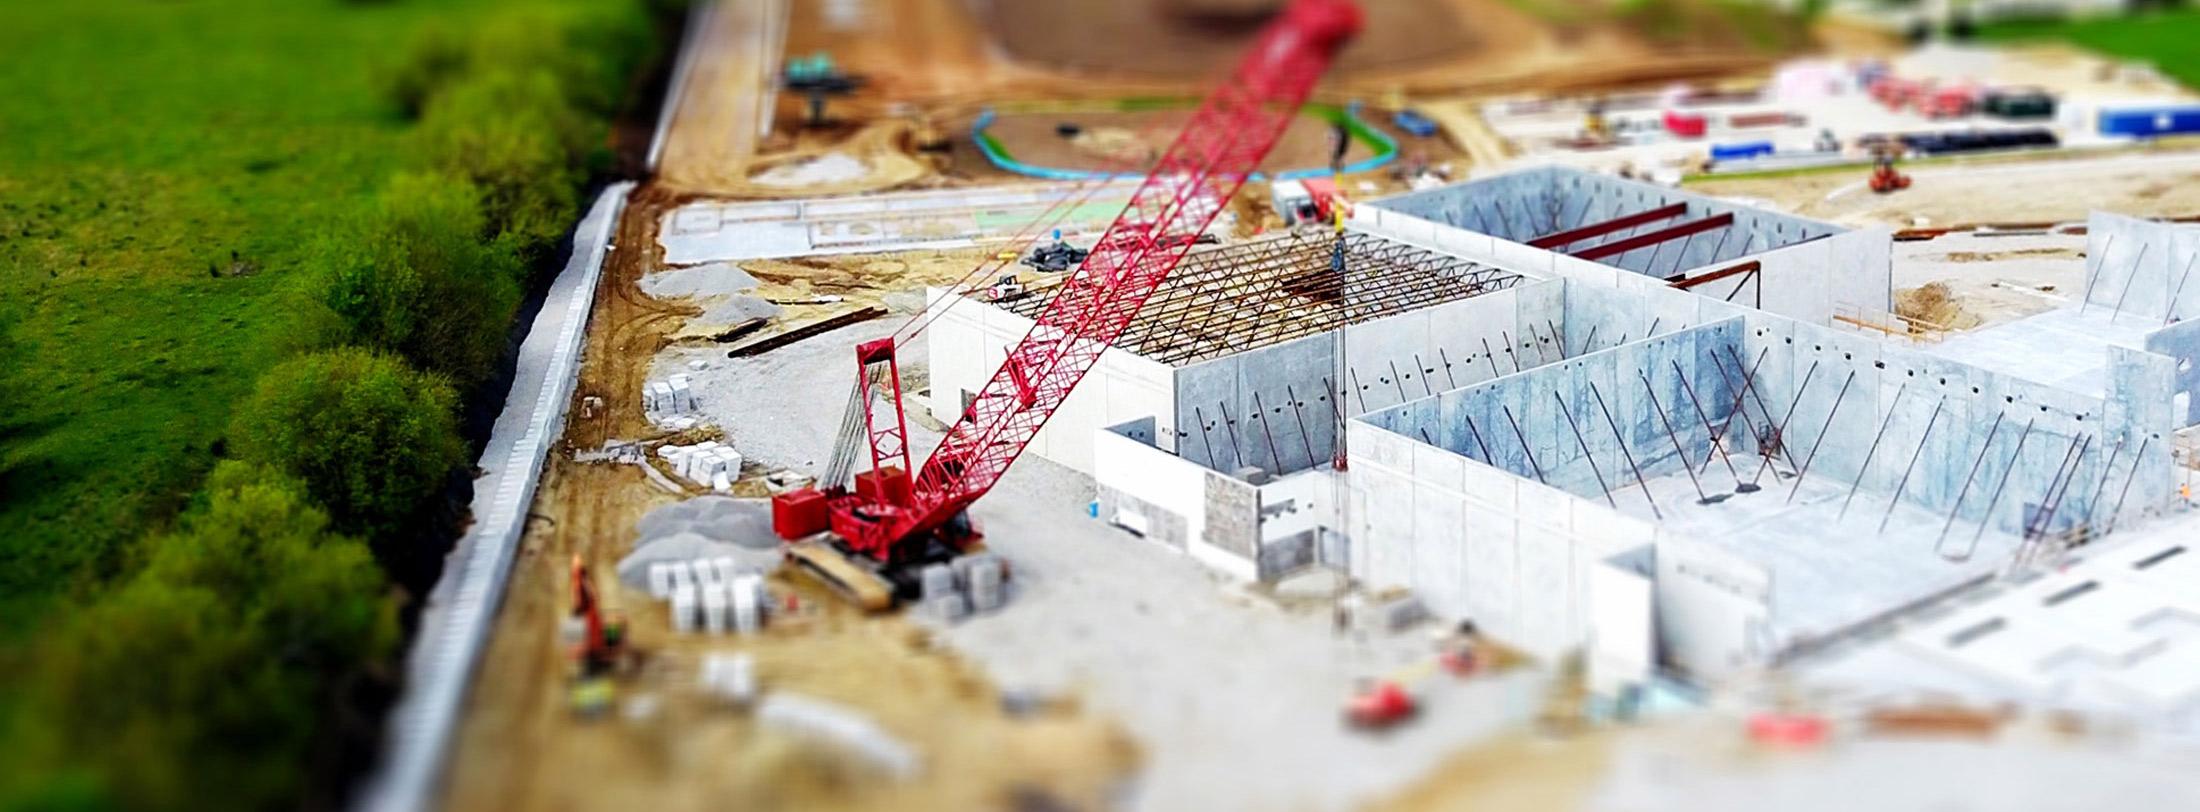 lexique-construction-recyclage-812